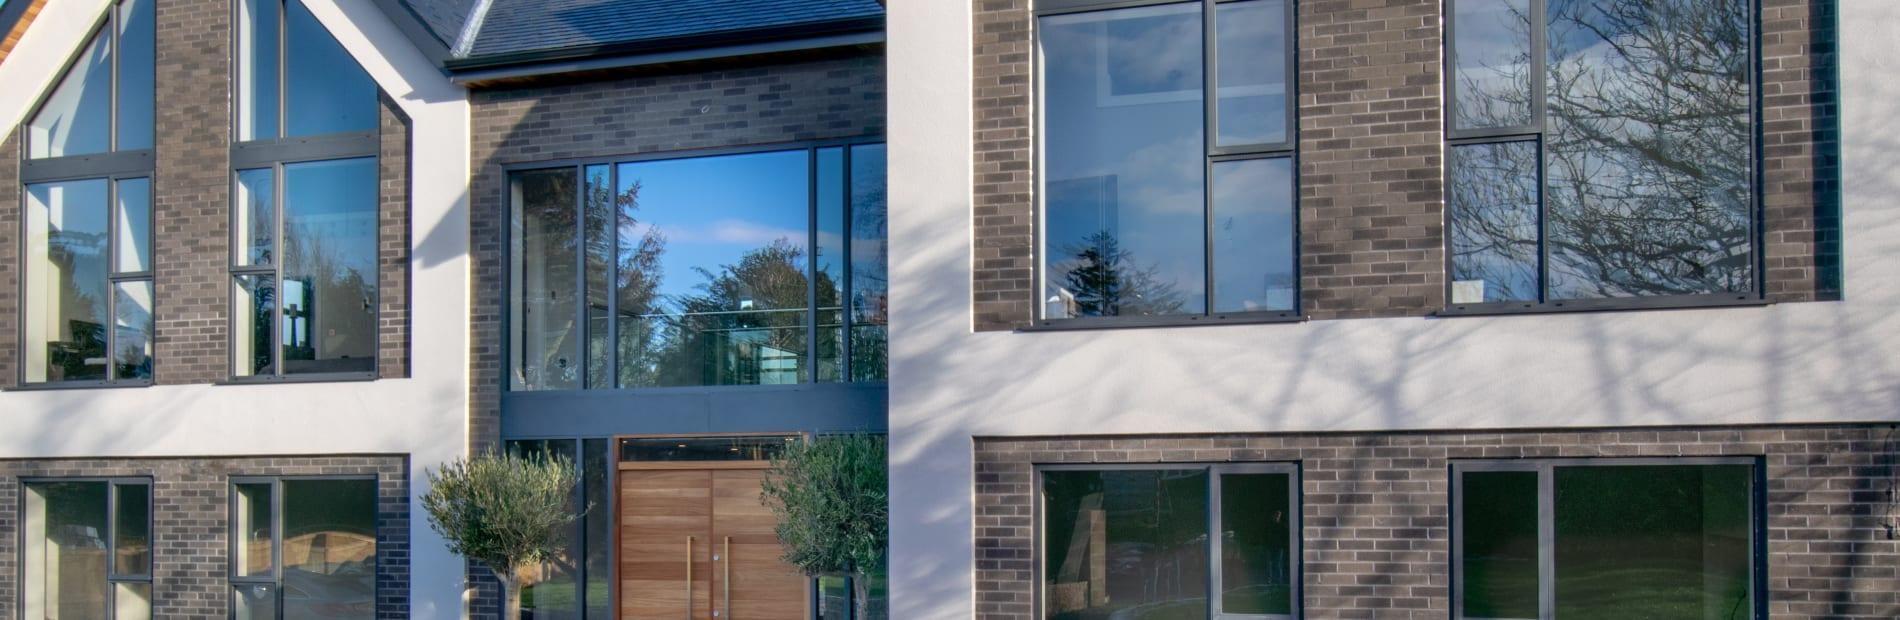 Contemporary Range Titanium Grey and Basalt Grey Mix Facing Bricks